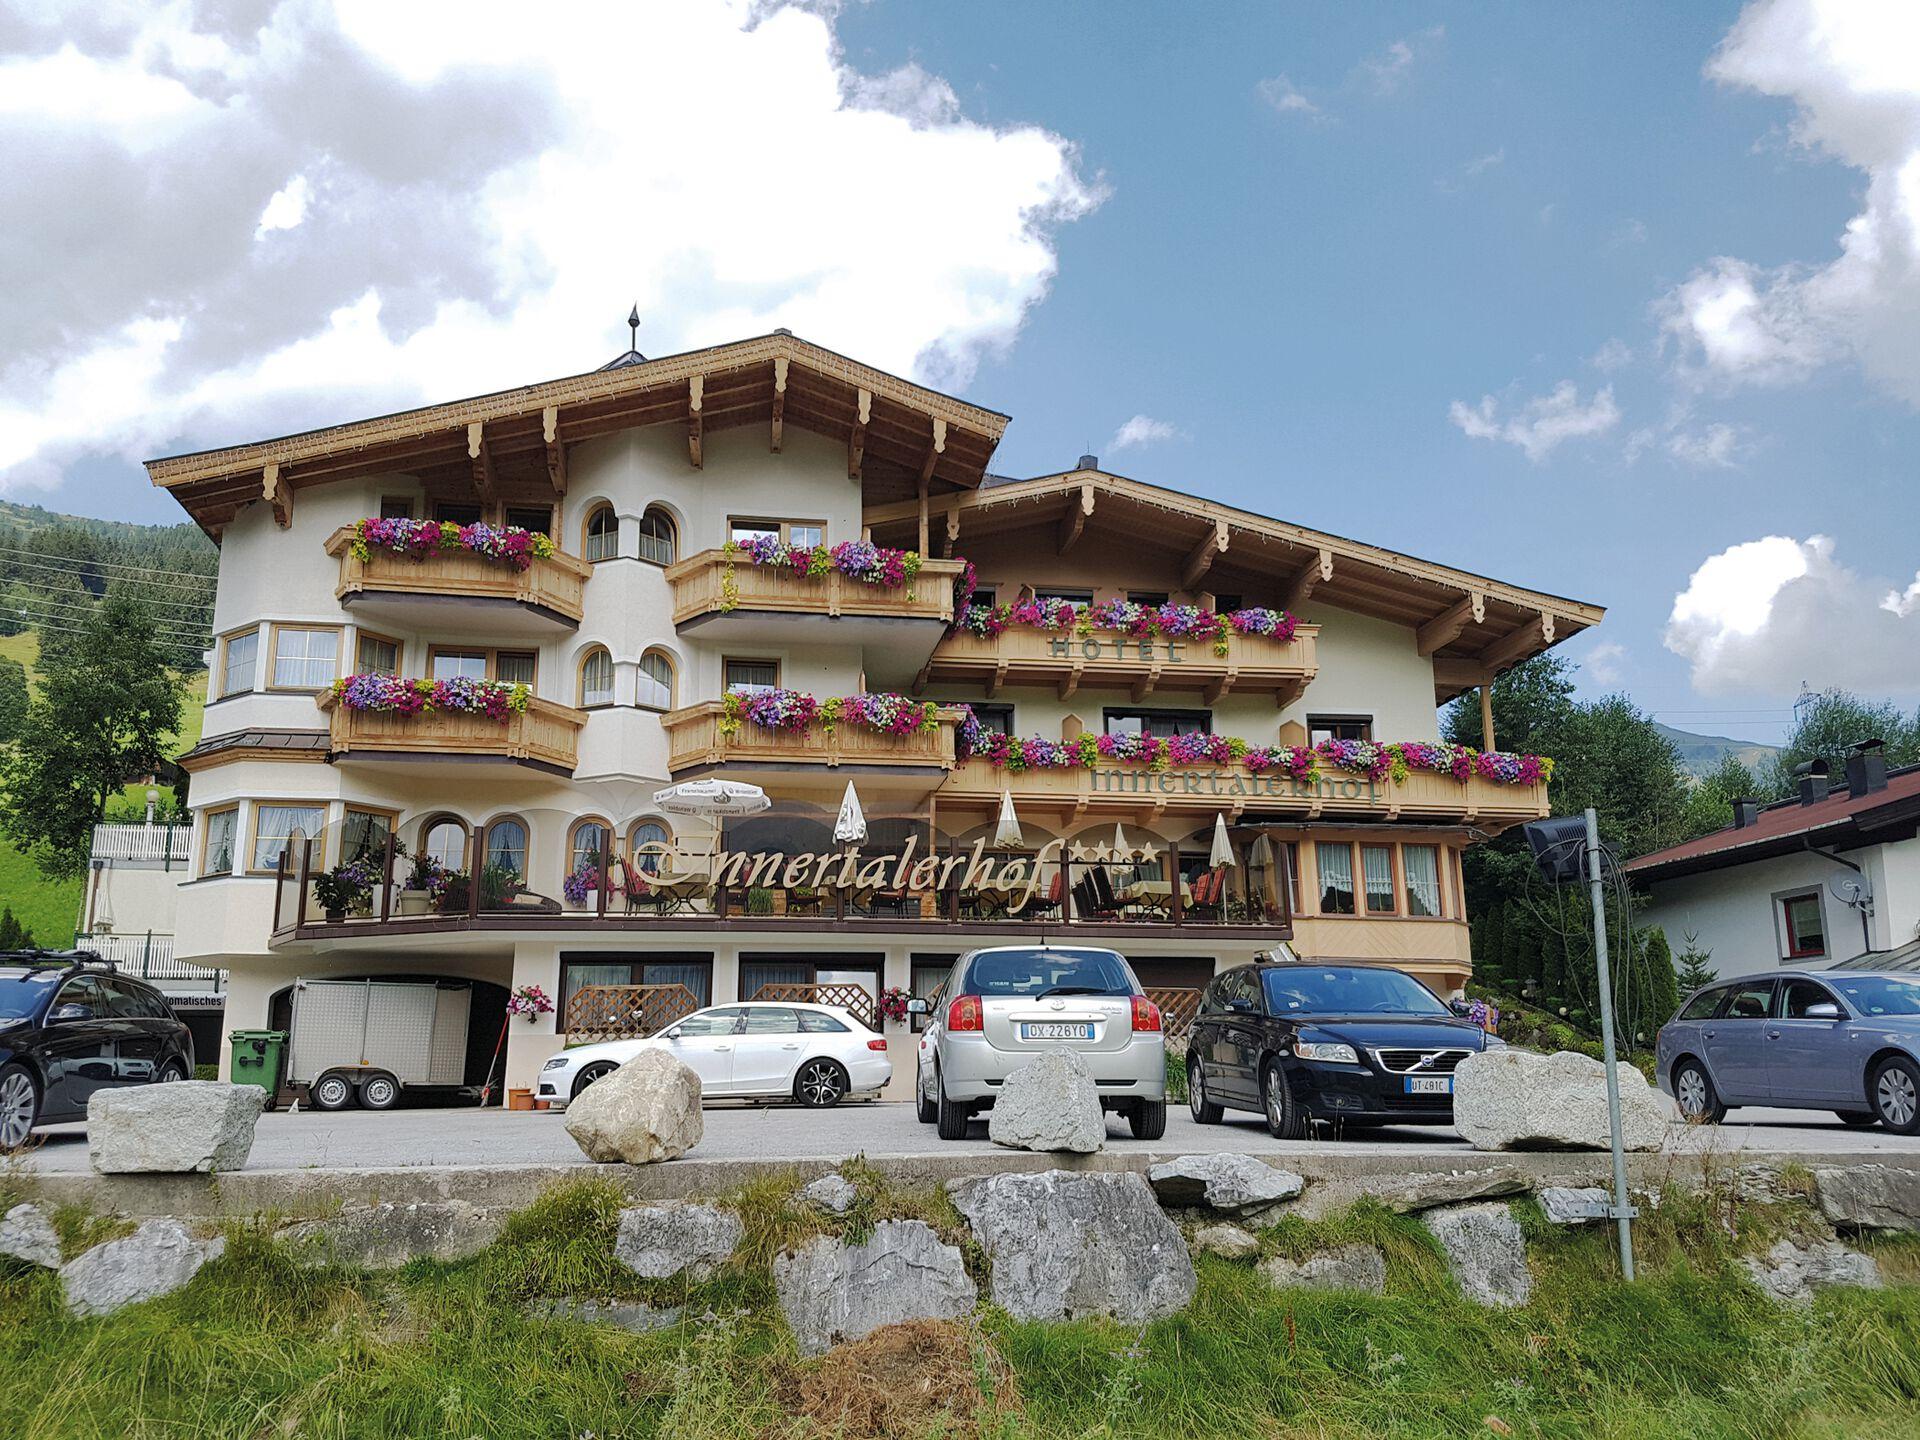 Ihr 4*-Hotel Innertalerhof